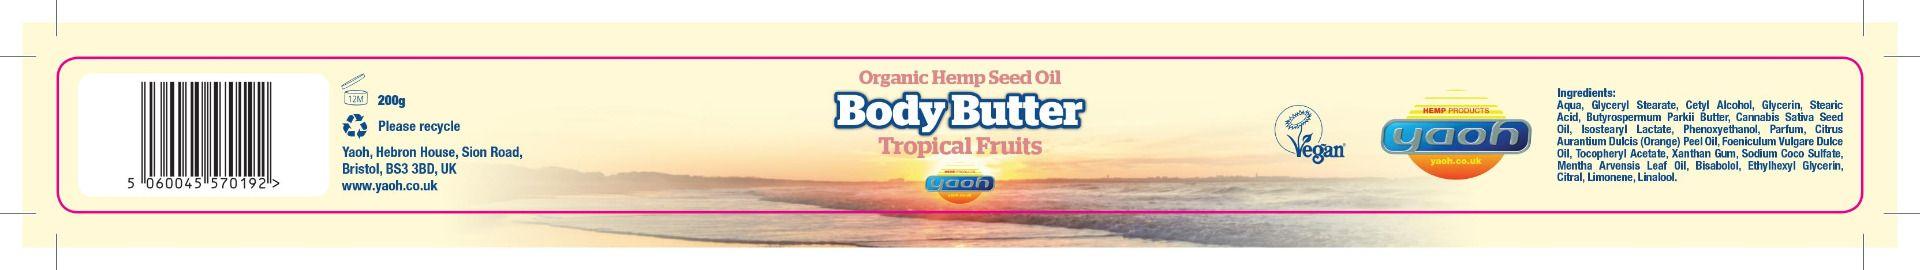 Yaoh Body Butter Tropical Fruits